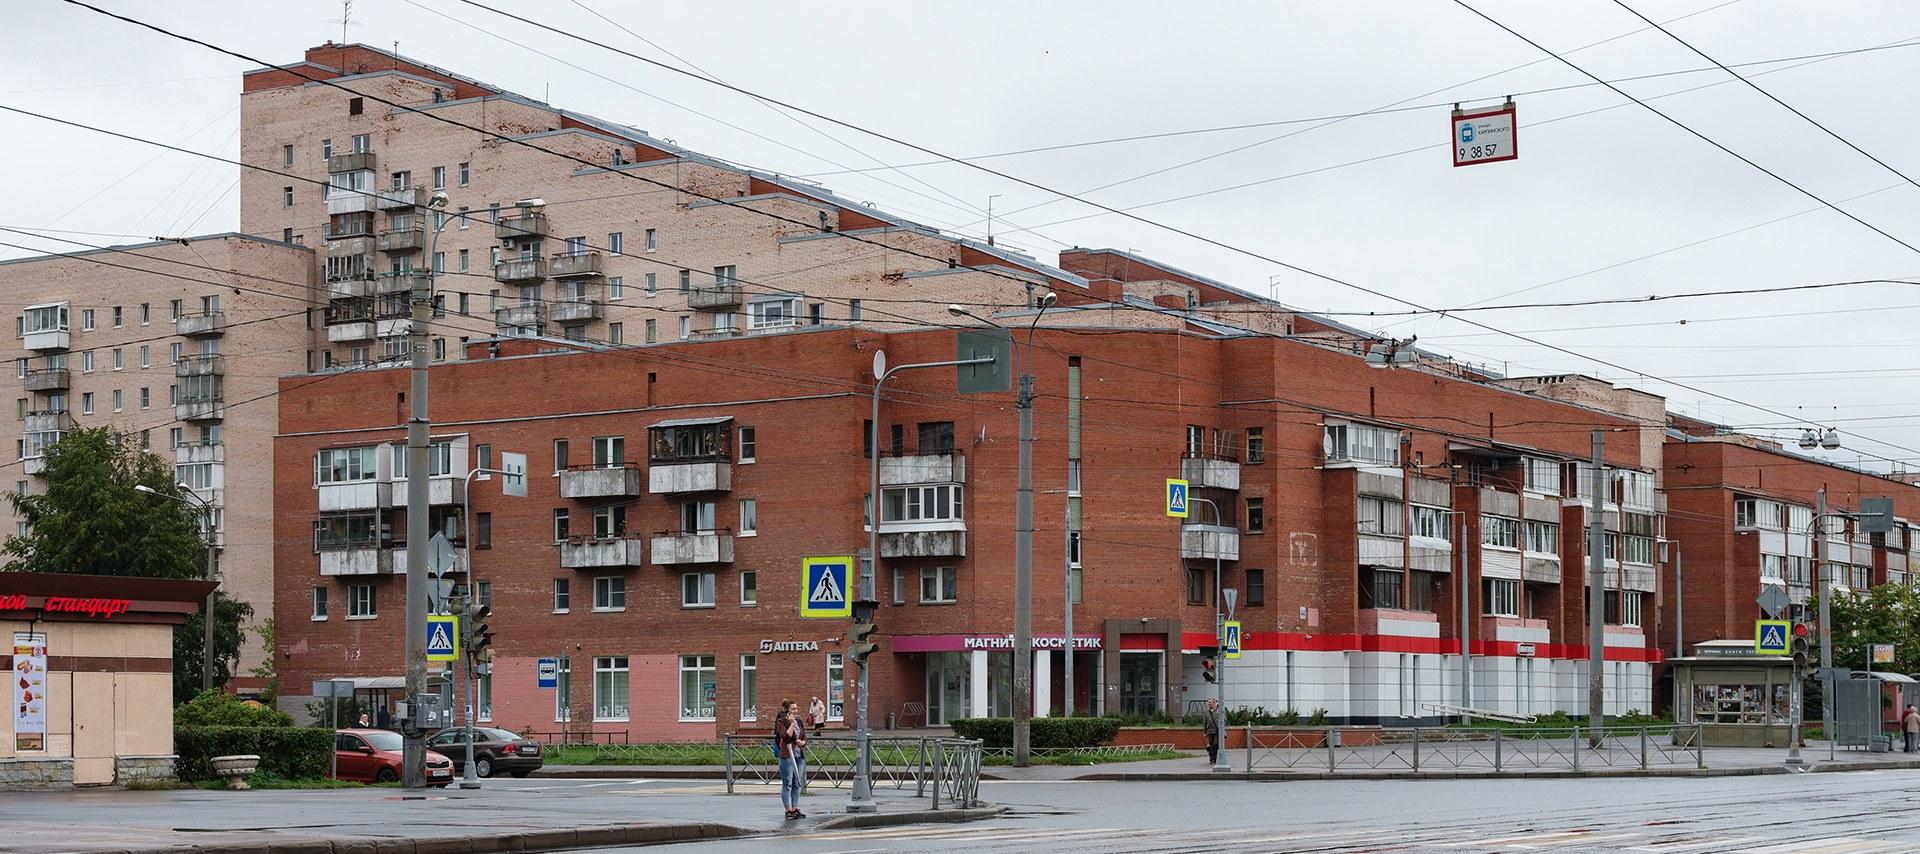 Я живу в «Змее Горыныче» на Науки (Петербург)